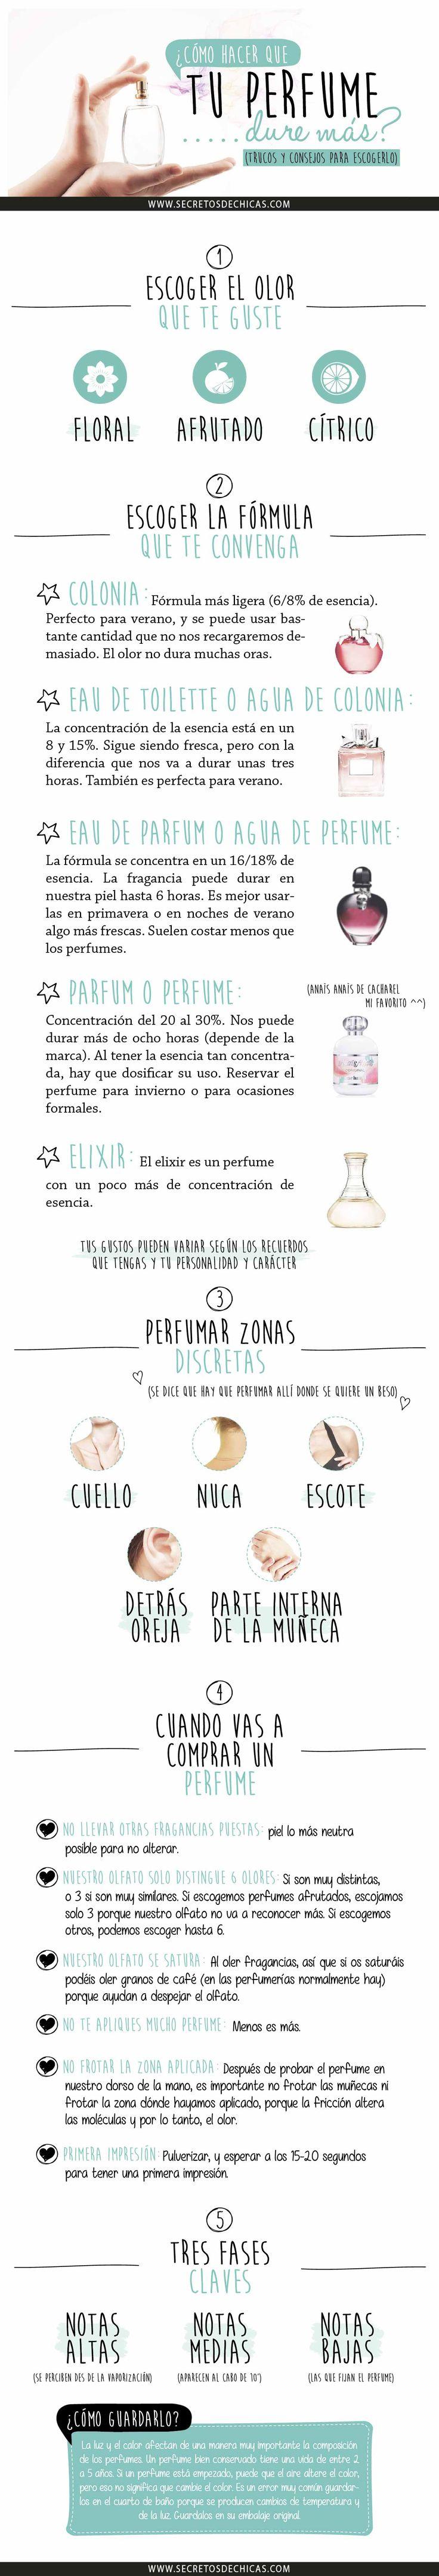 ¿Cómo hacer que tu perfume dure más?